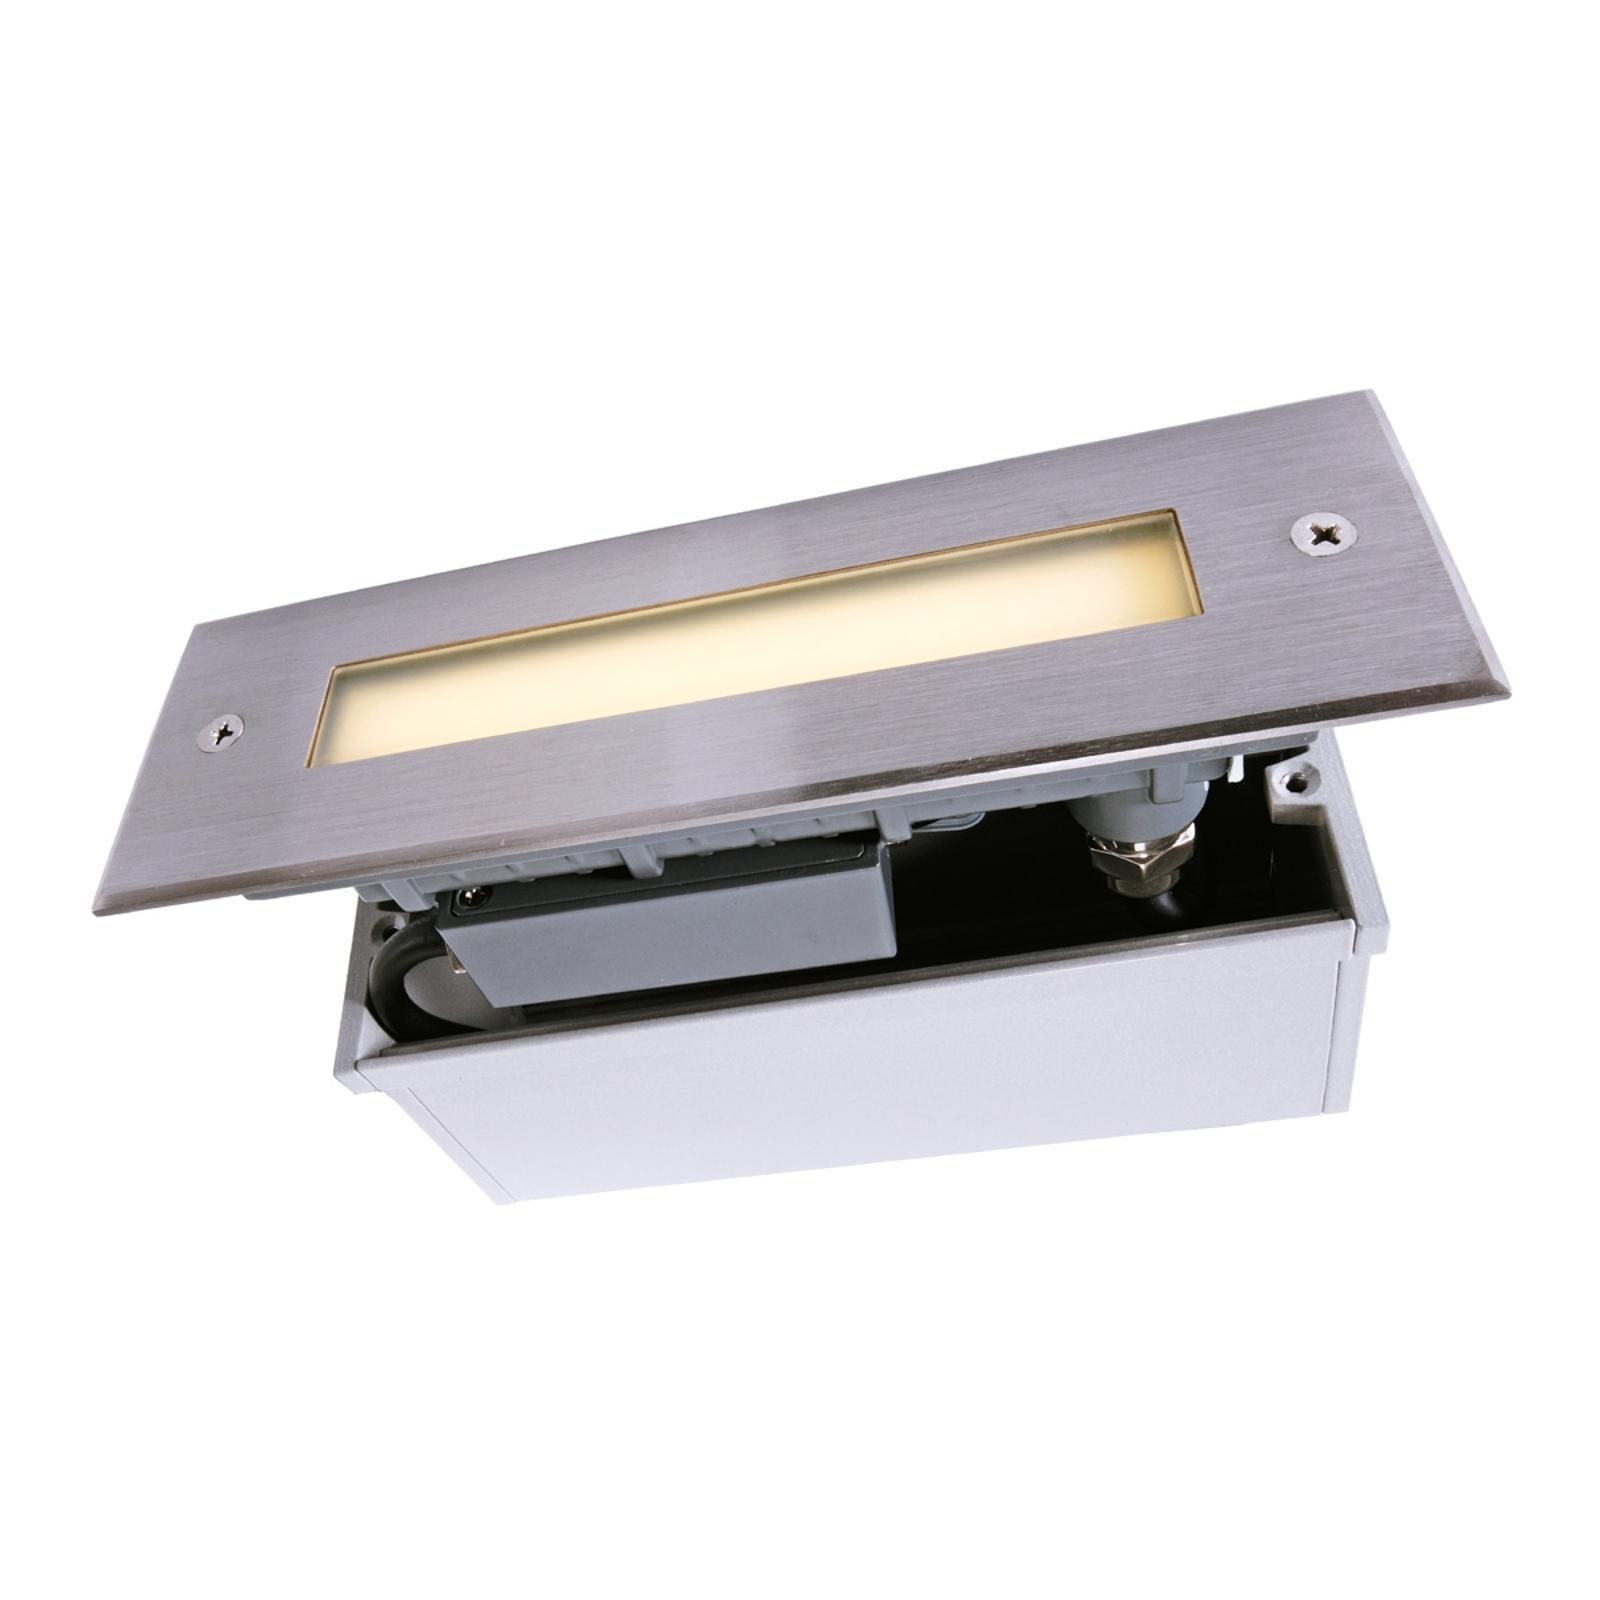 Zapustené podlahové LED svetlo Line, dĺžka 18,3cm